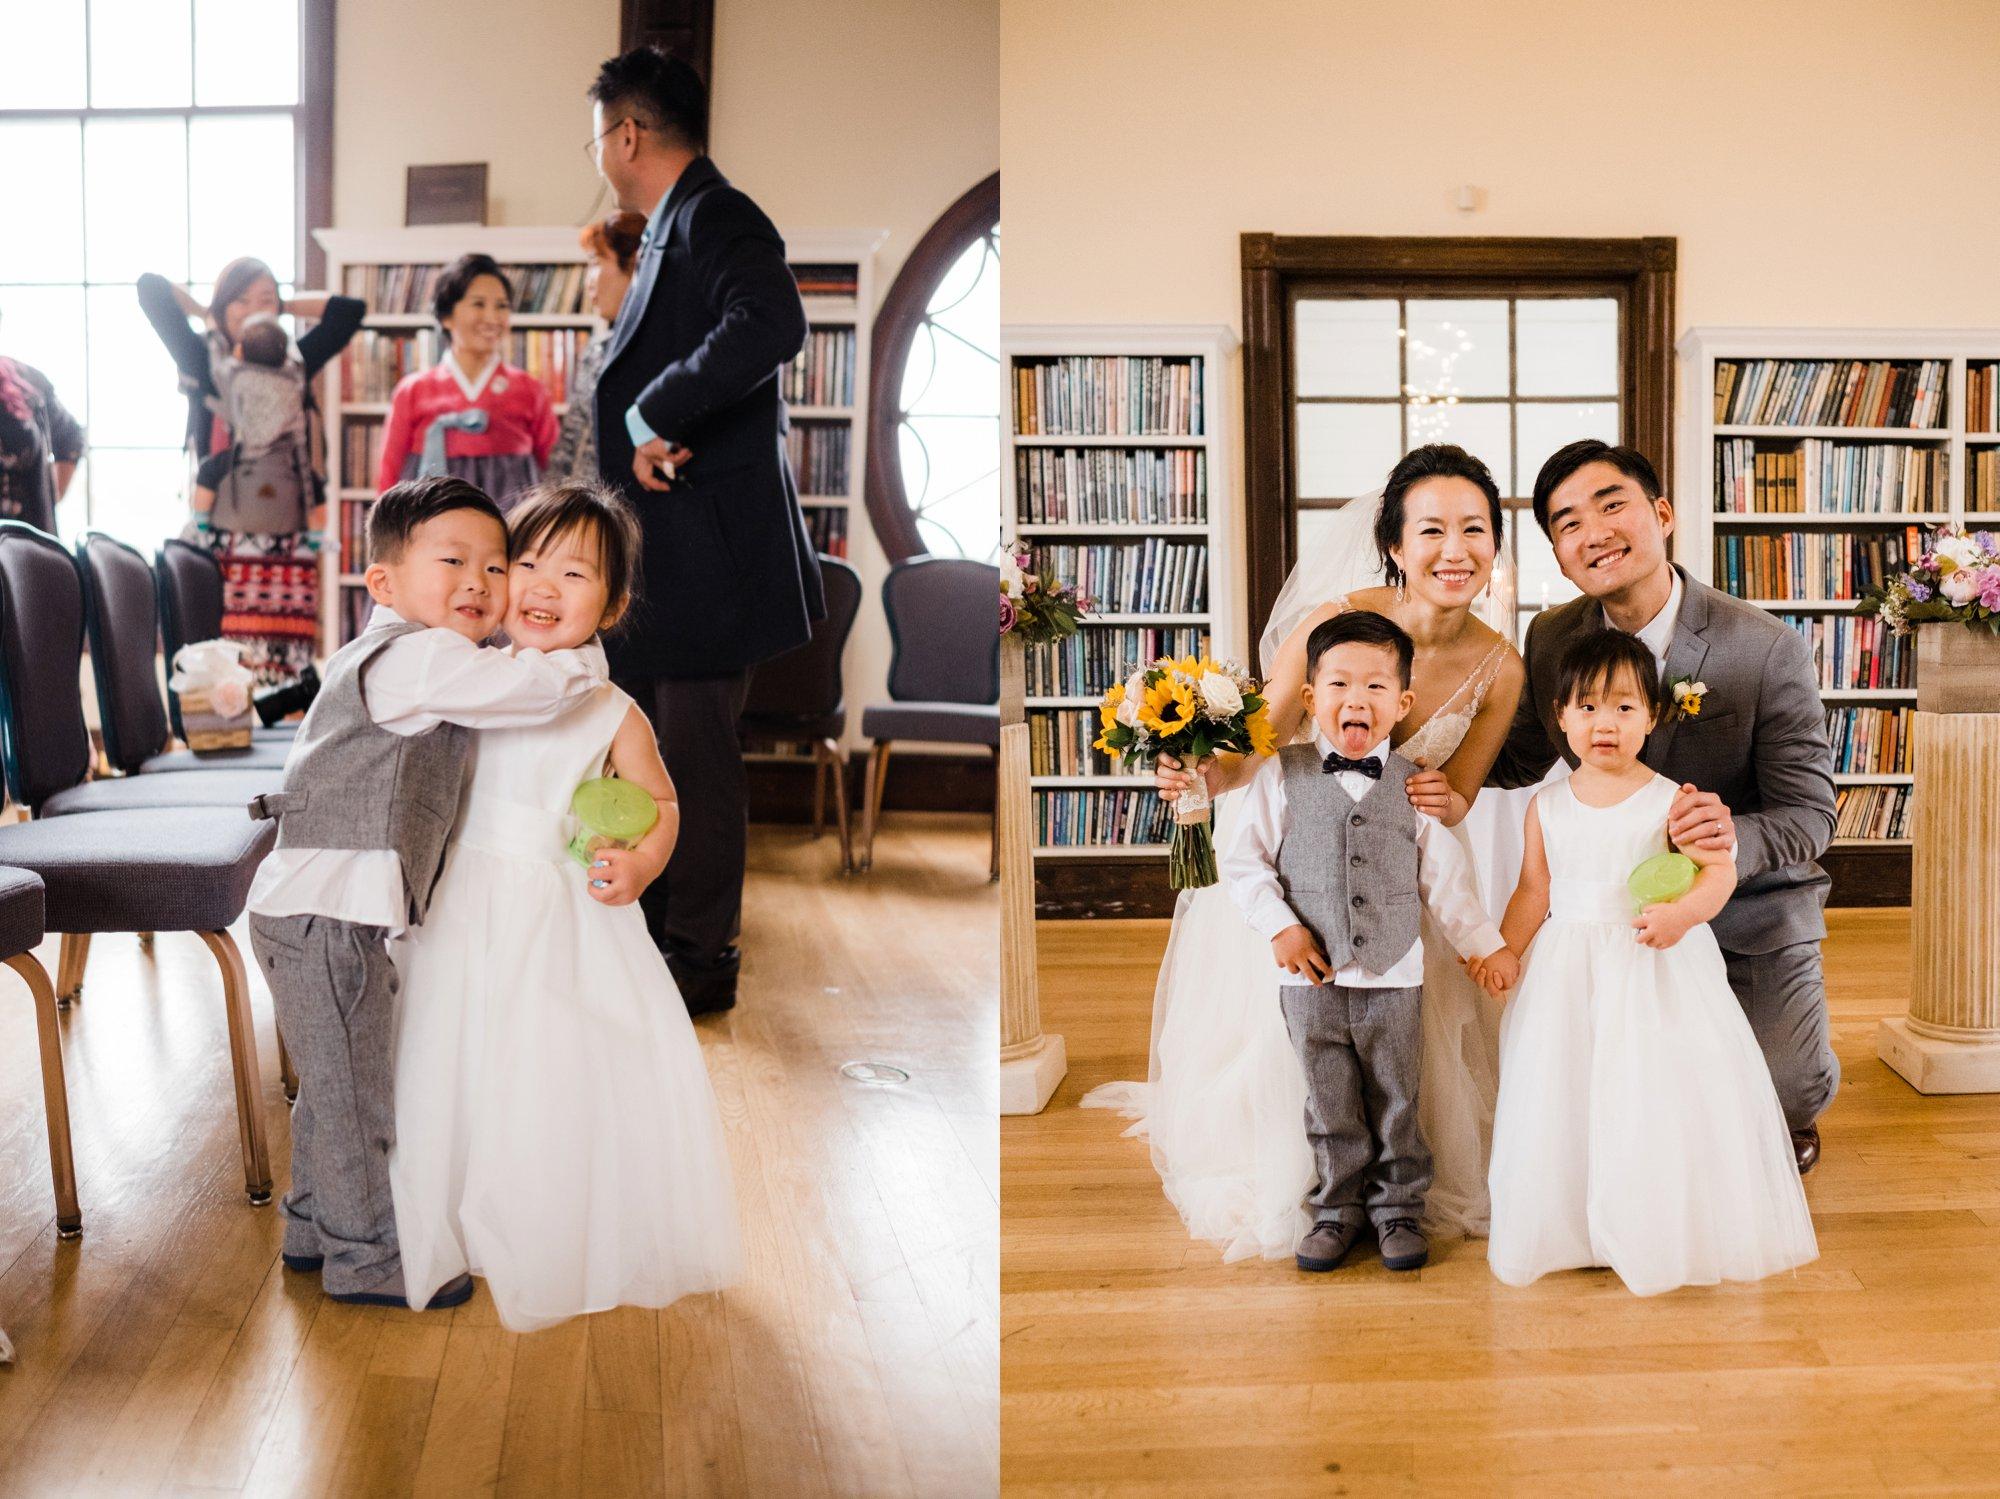 fairfax-dc-wedding-old-city-hall_0127.jpg